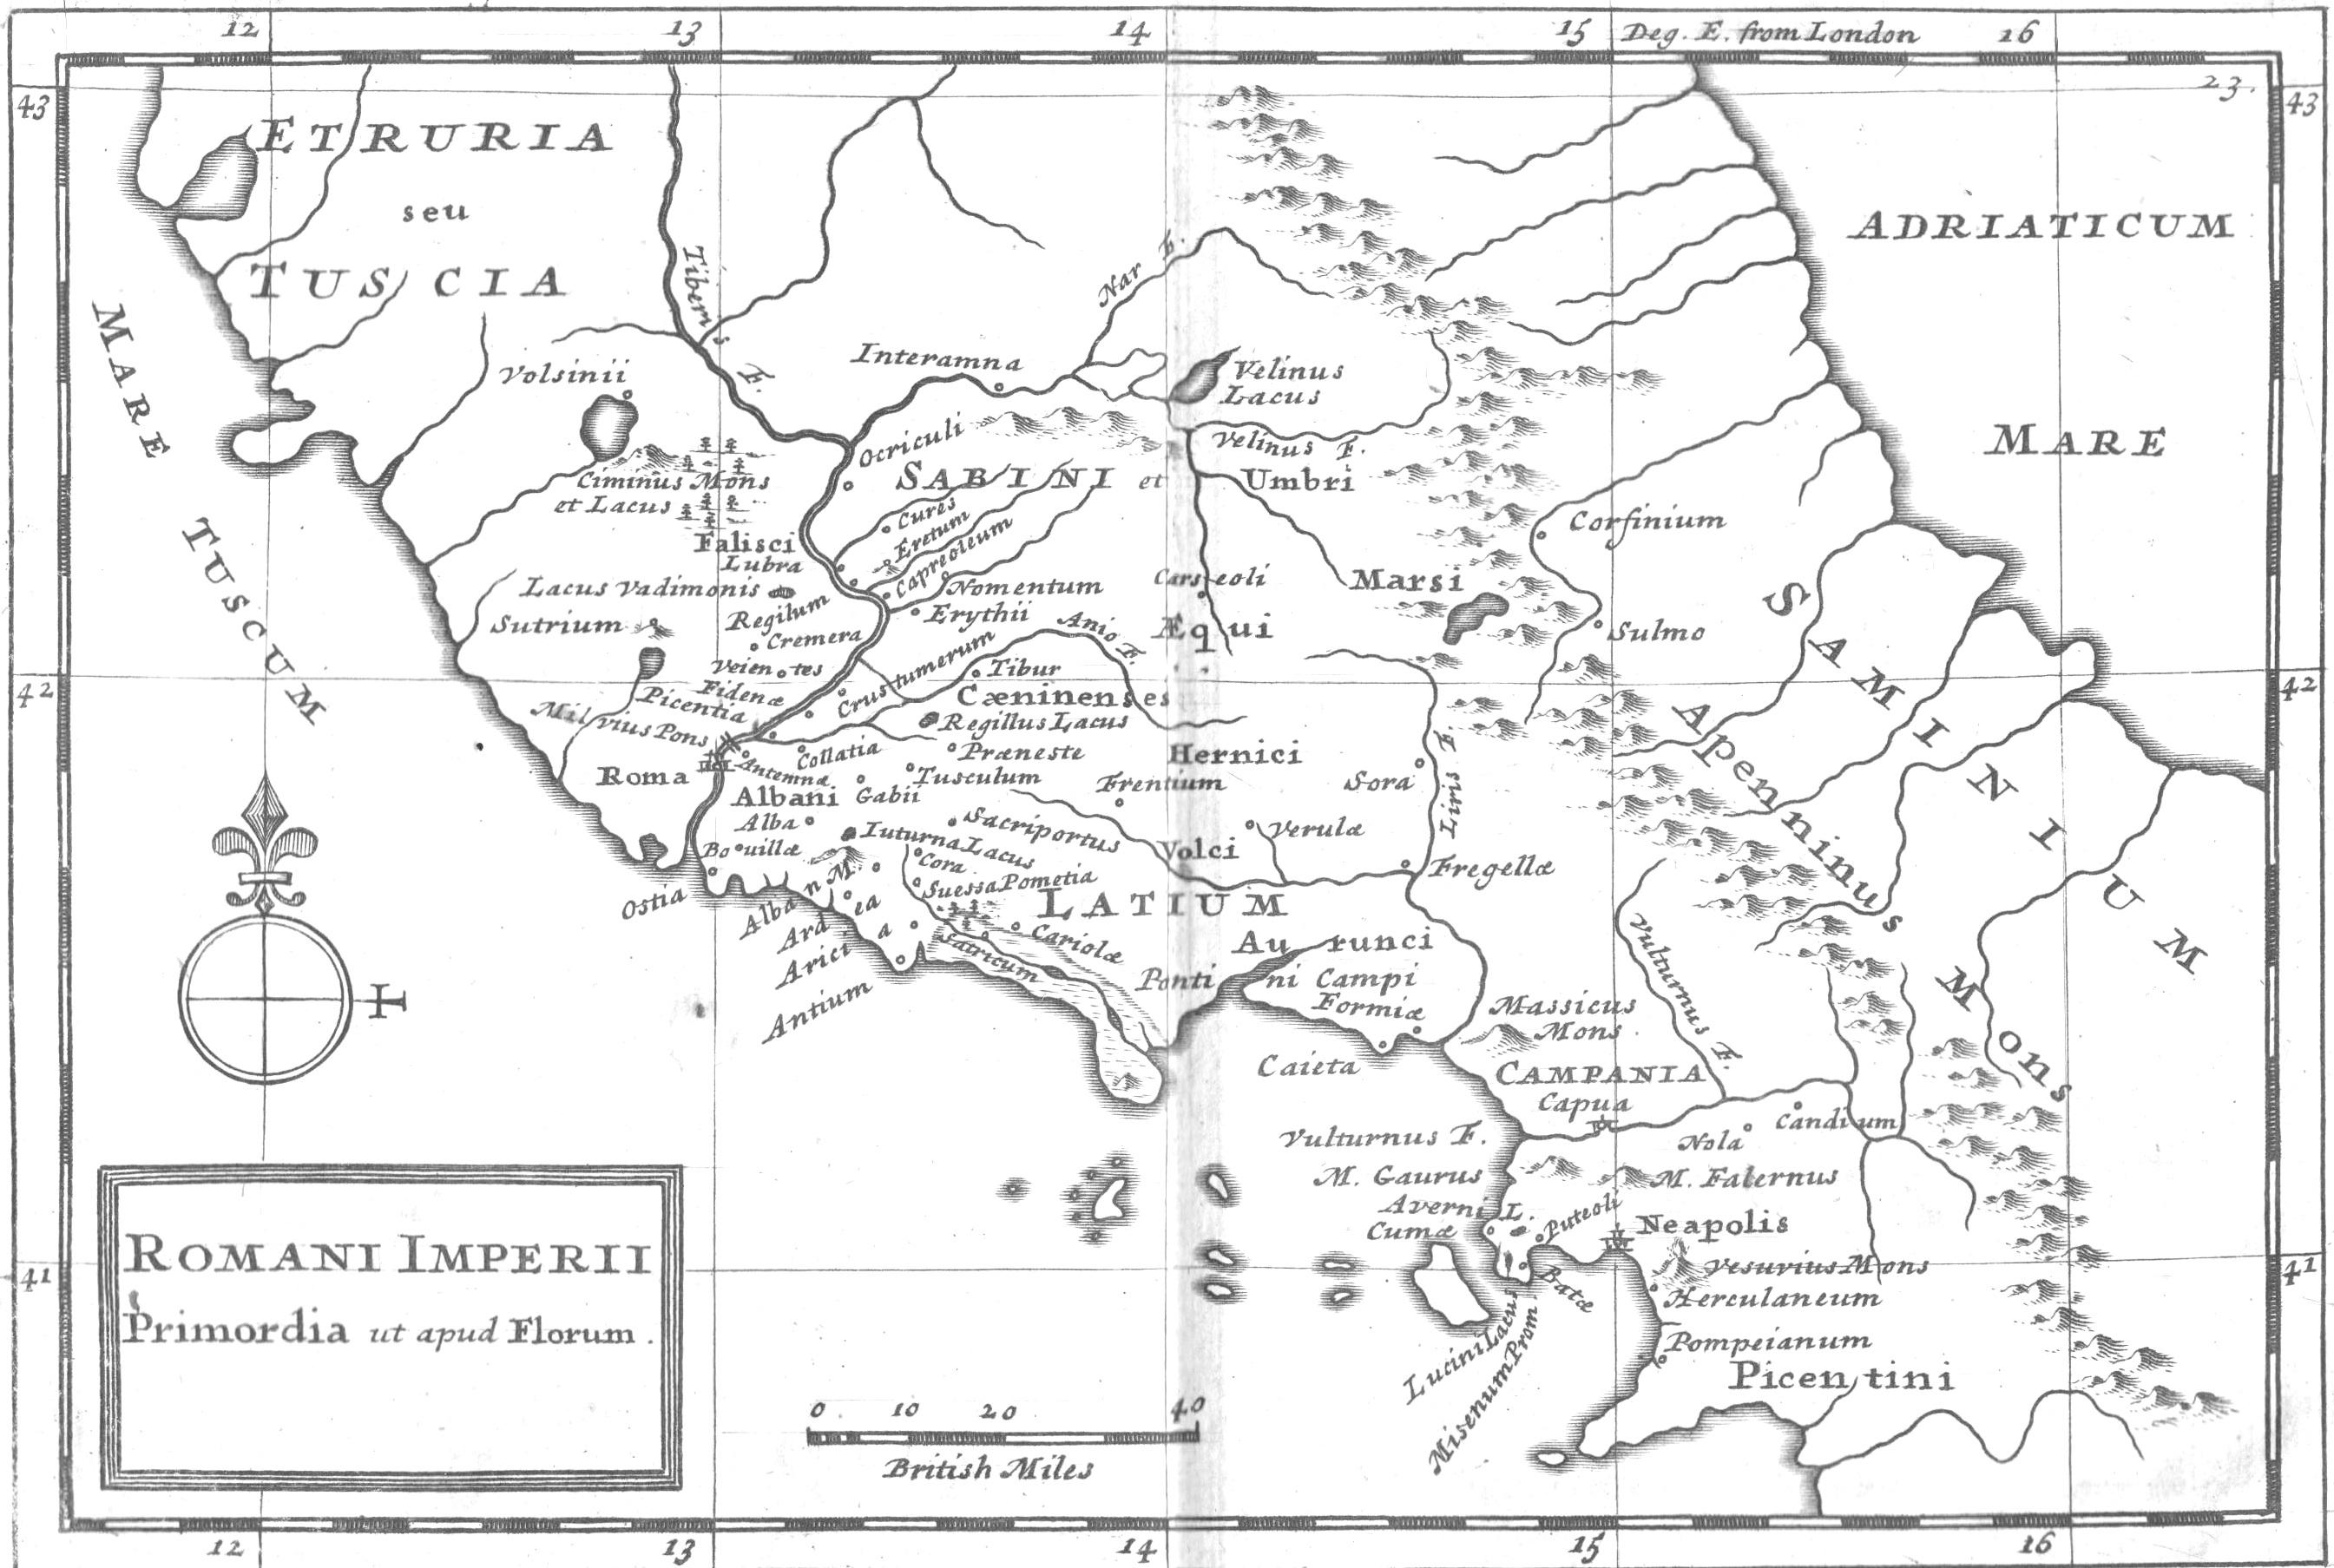 Historia de Roma El ascenso 1 de 3